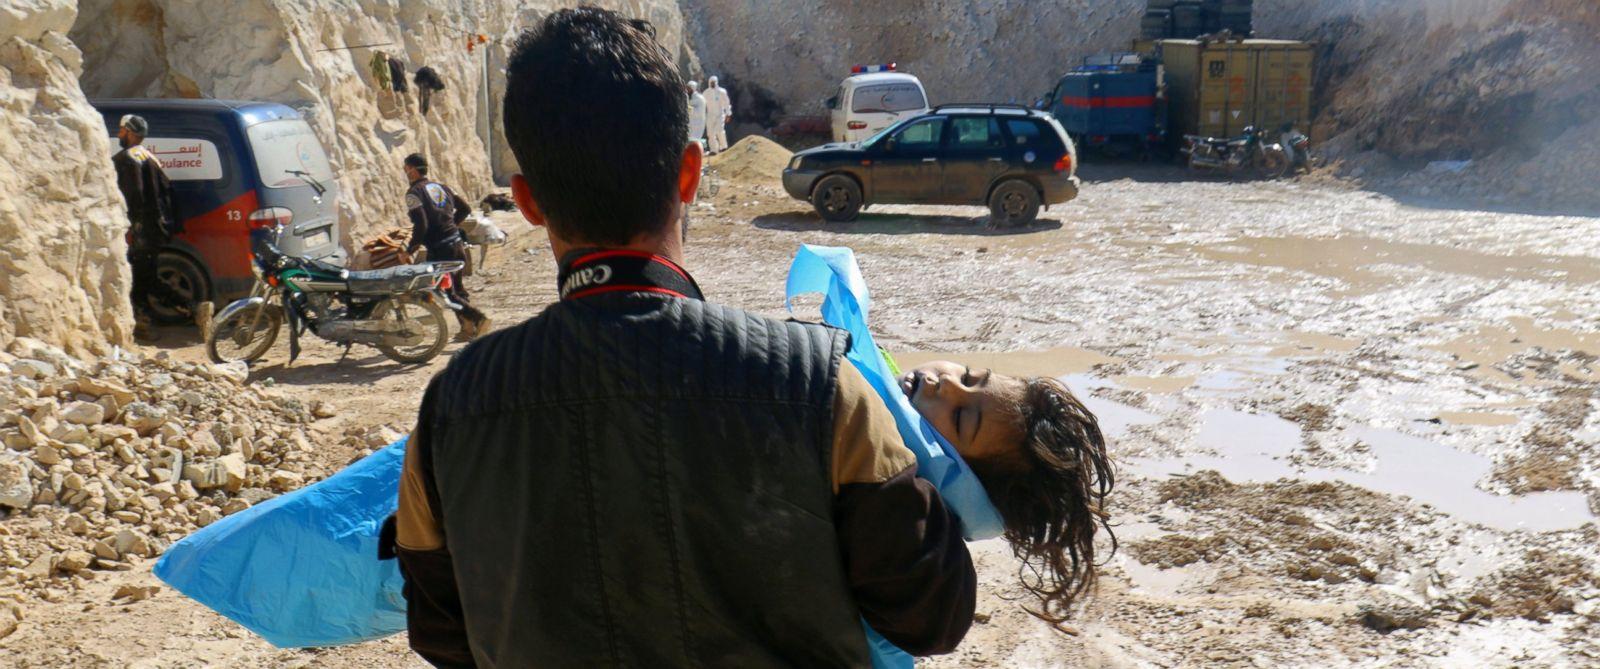 الوضع الإنساني في الغوطة الشرقية